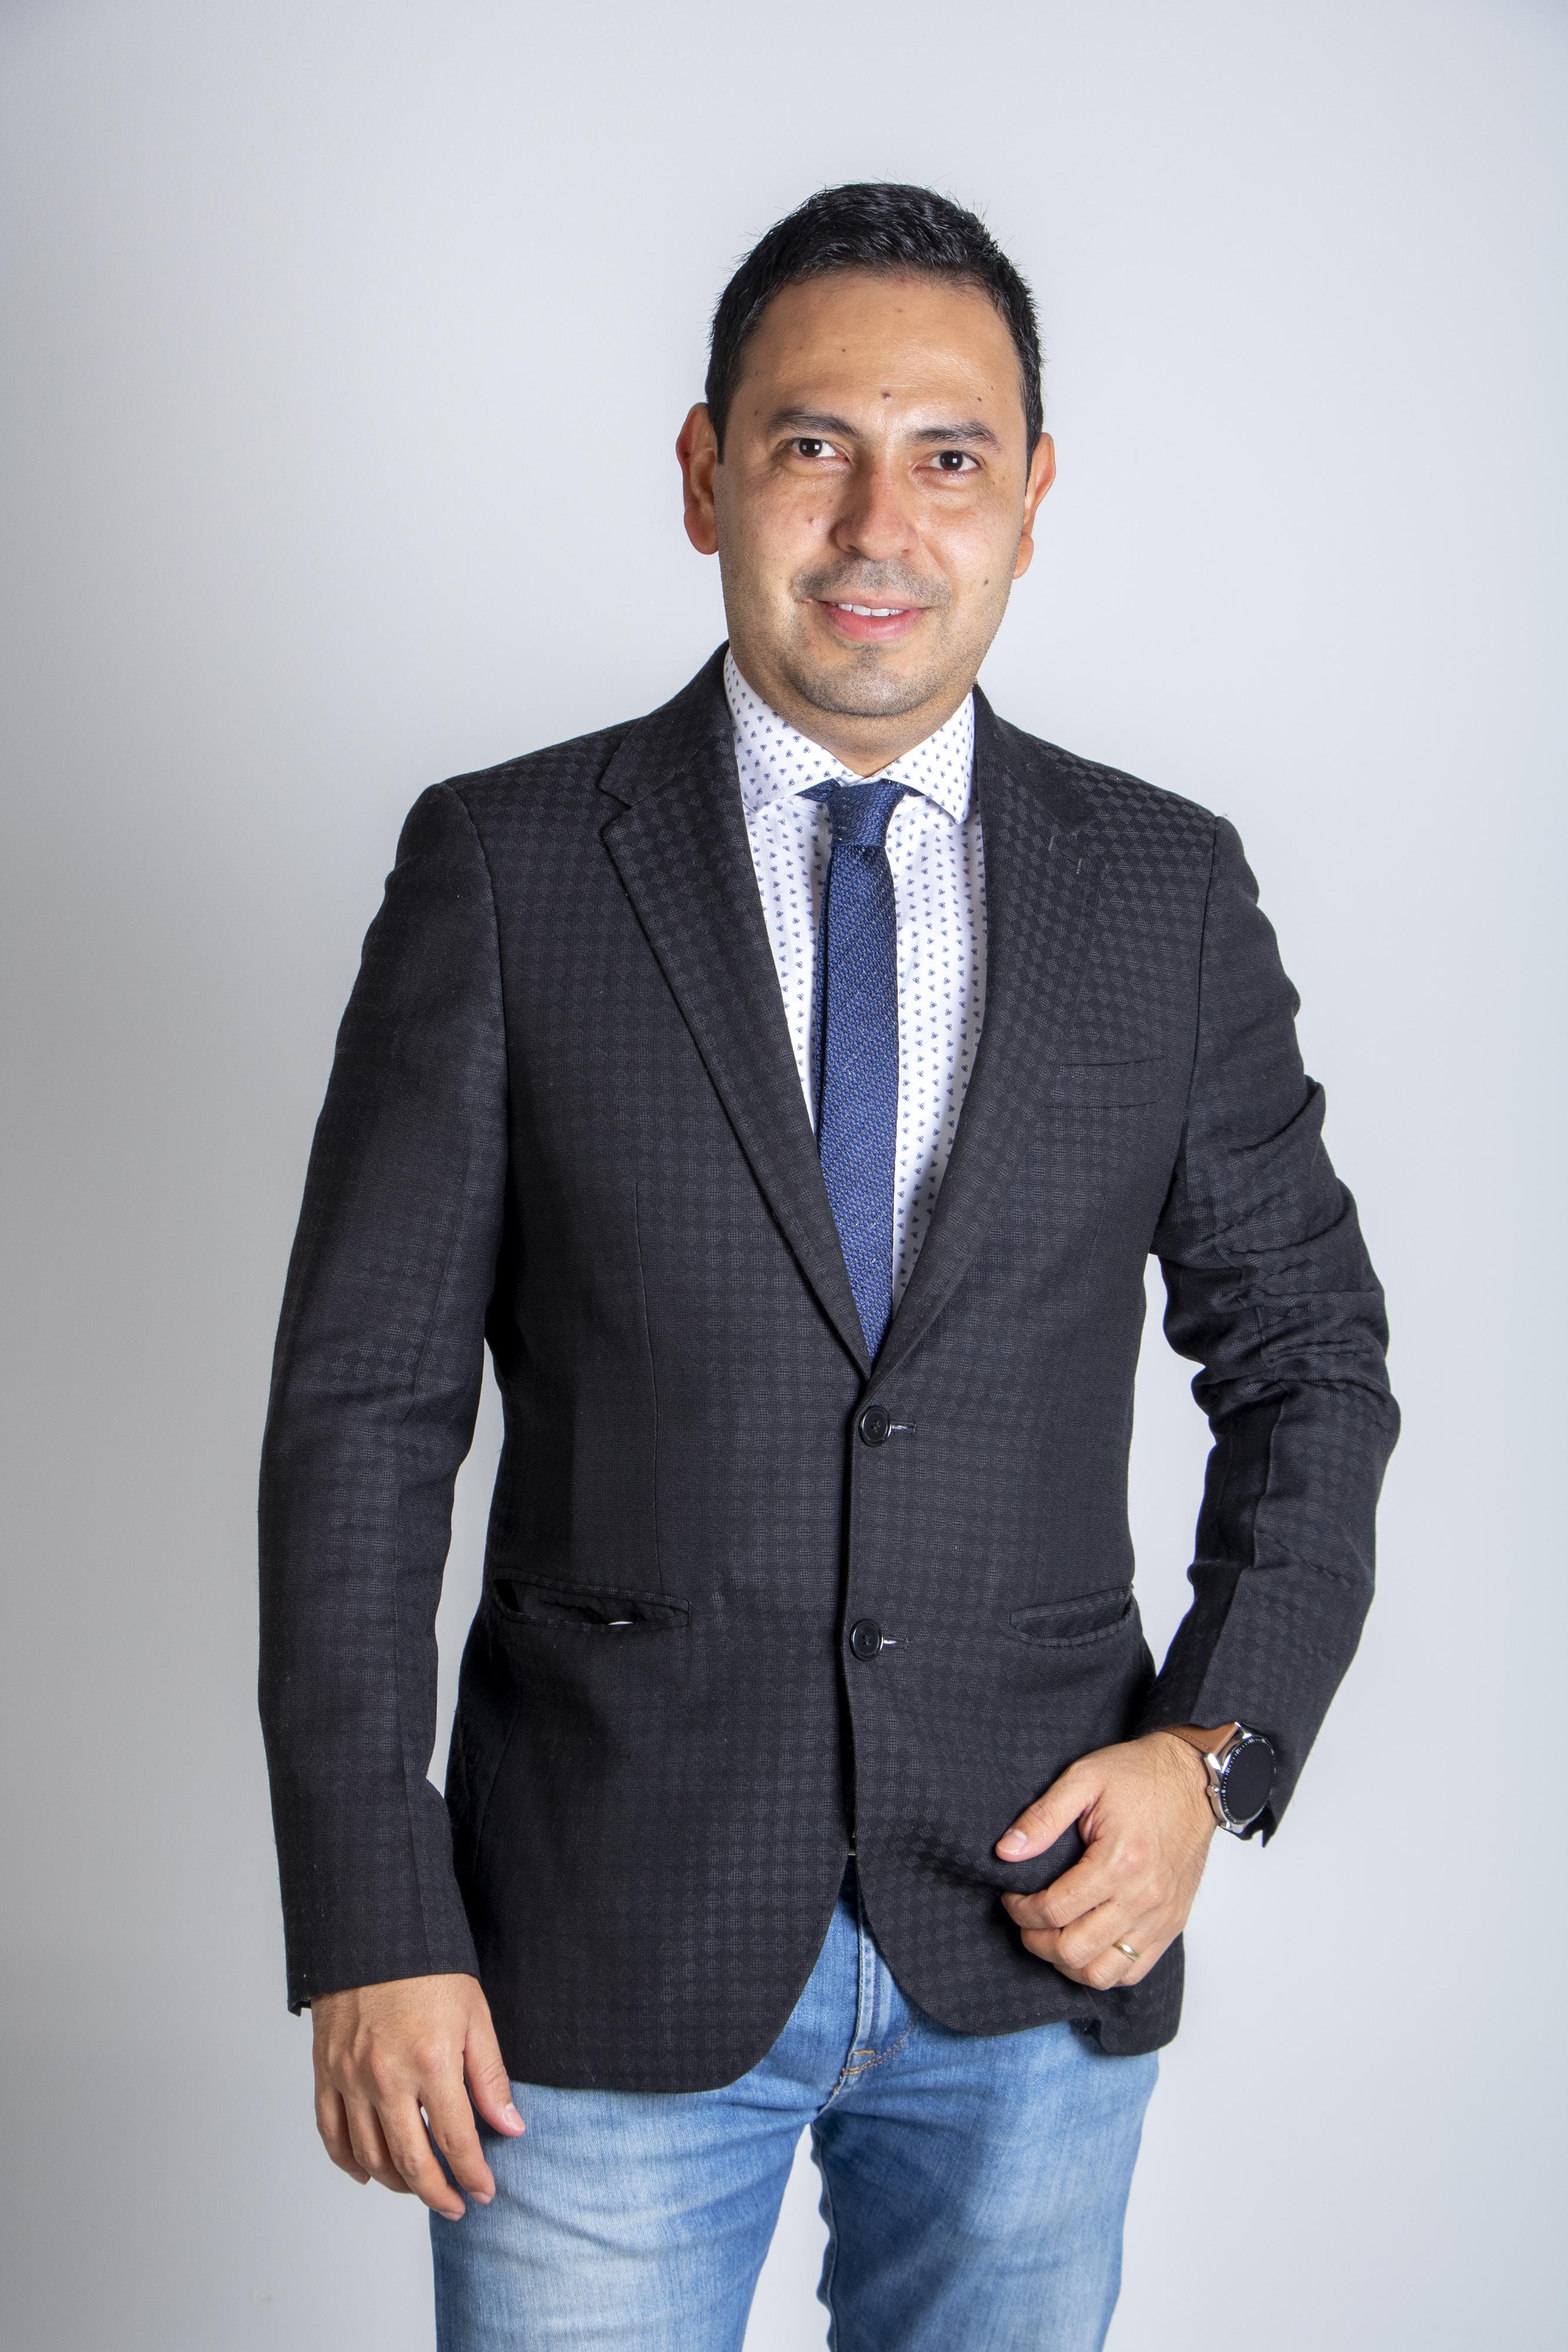 Erick Vilaró